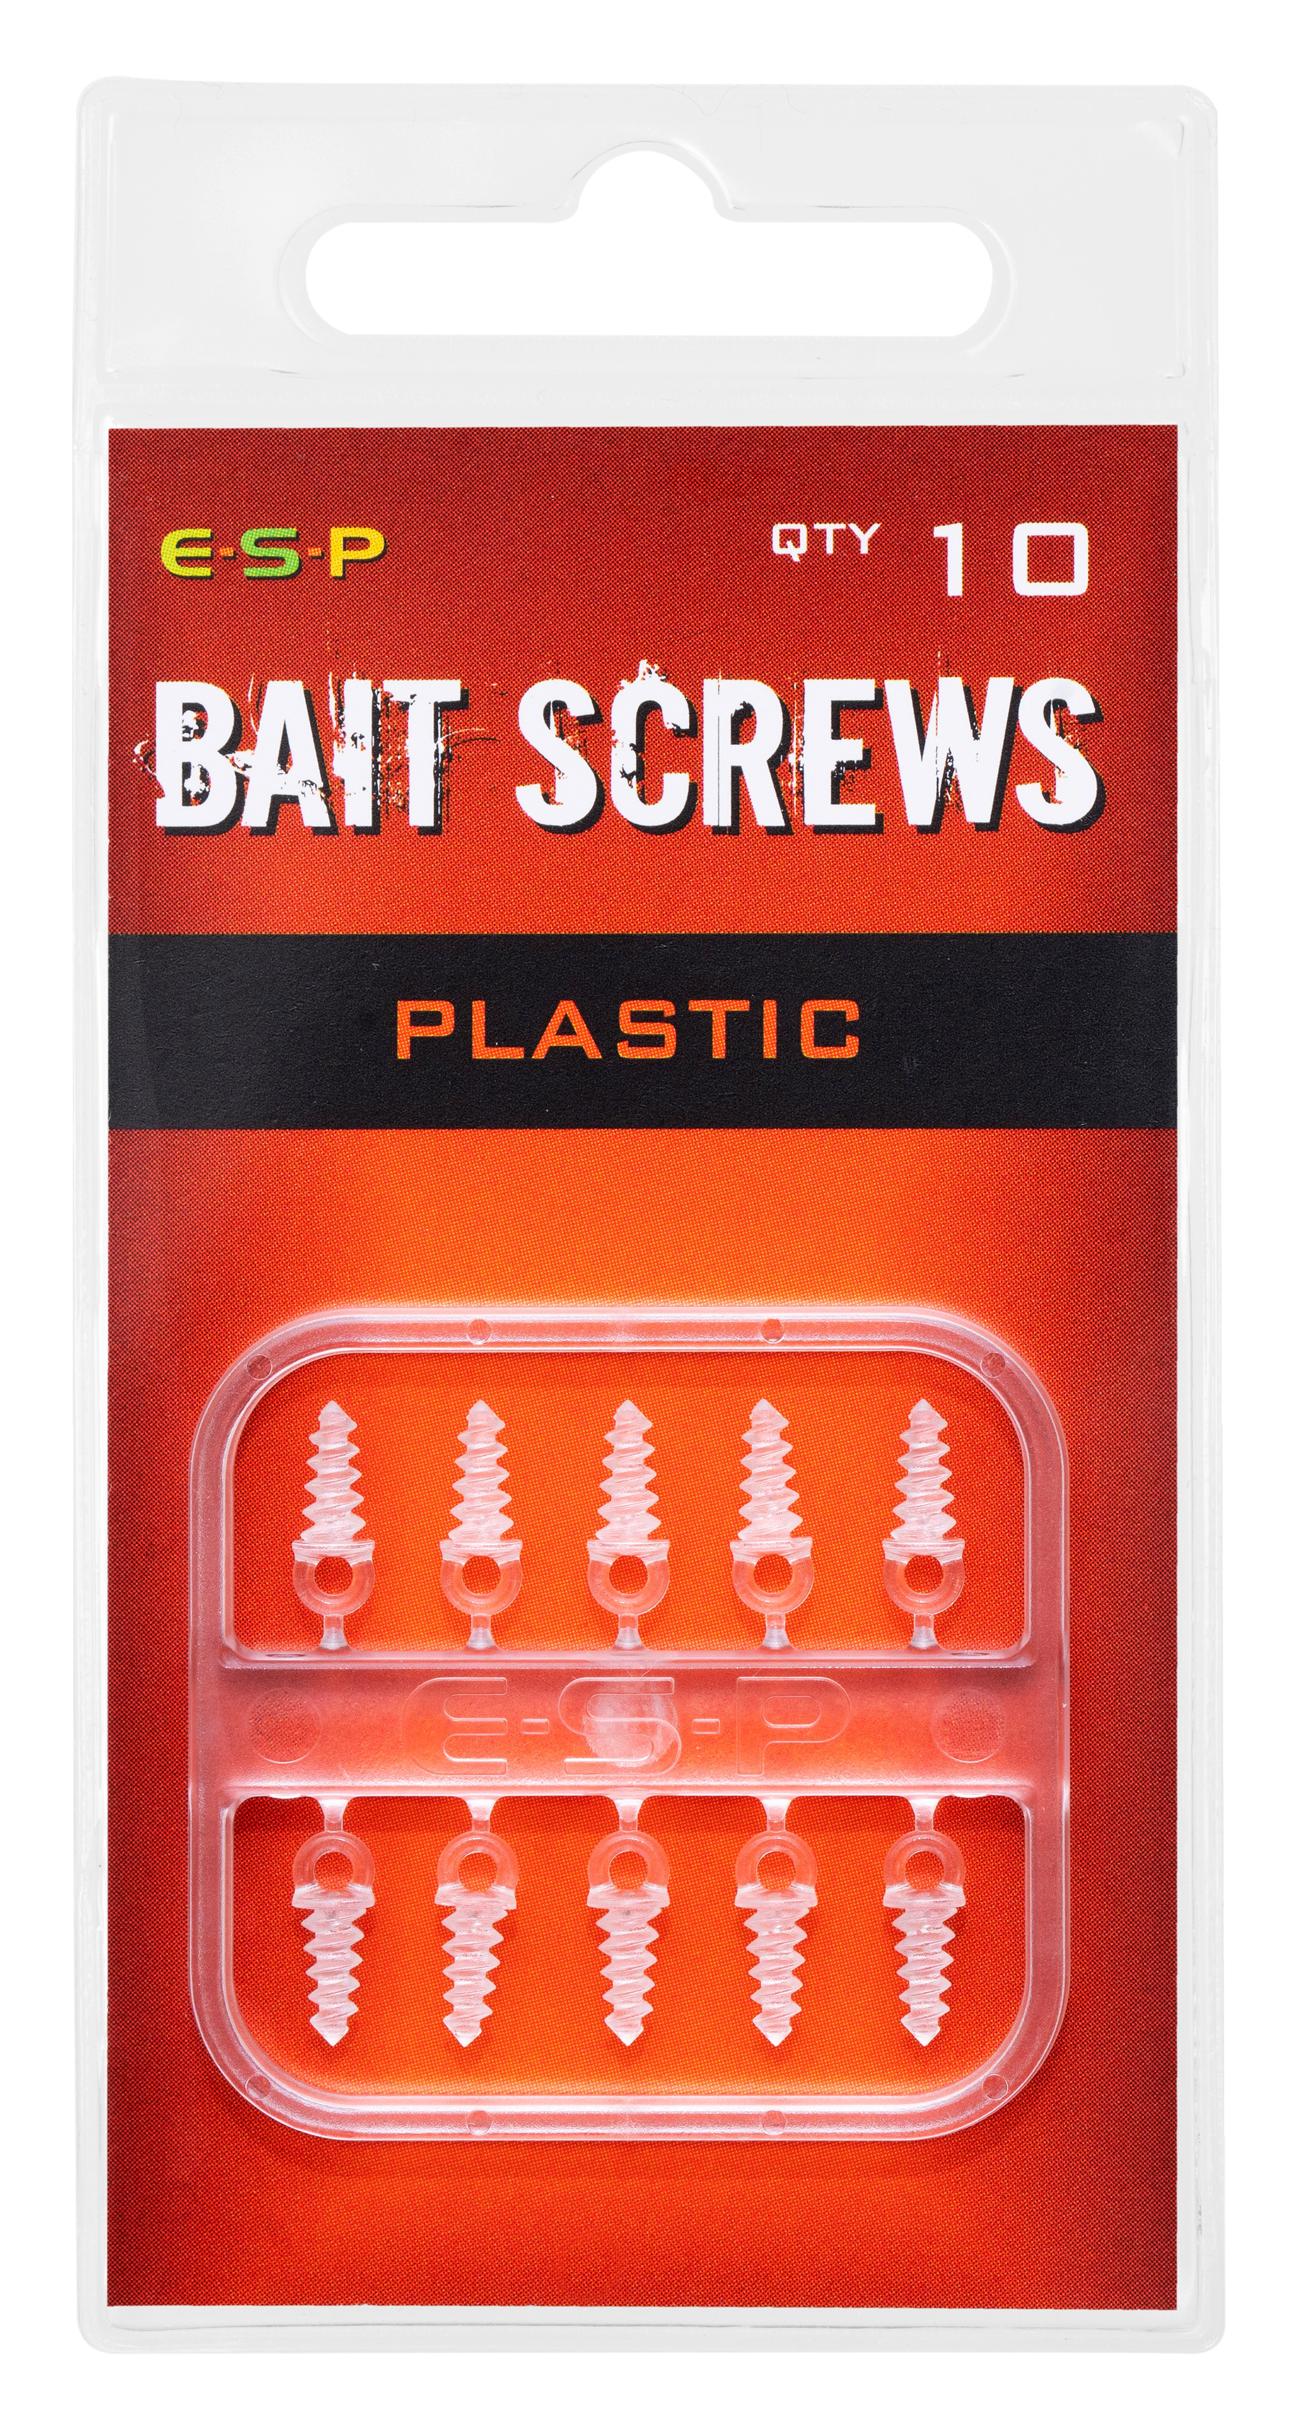 plasticscrew2.png